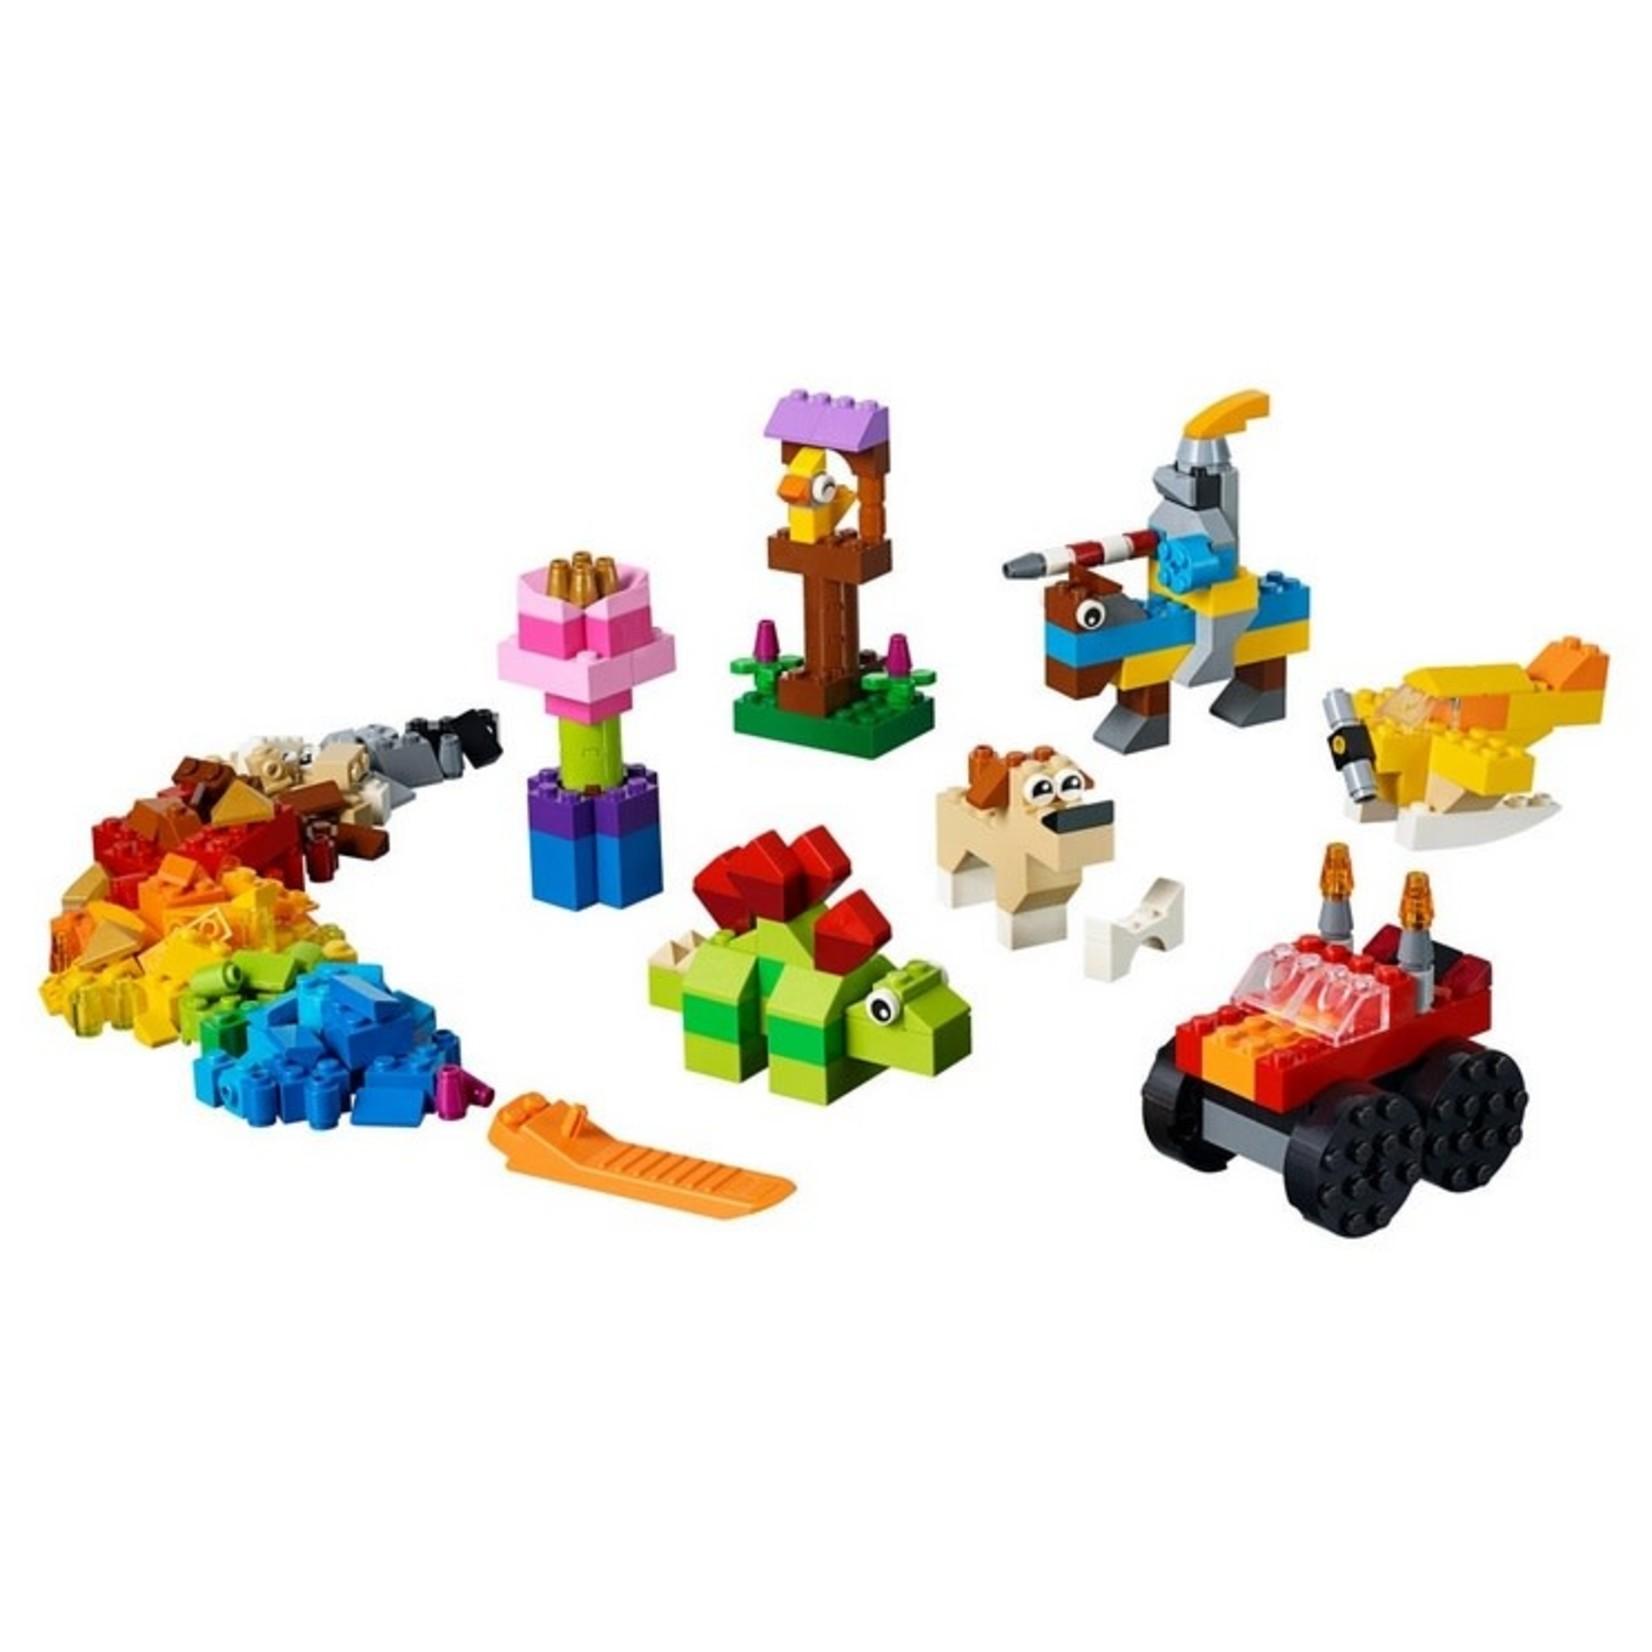 LEGO LEGO Classic Basic Brick Set